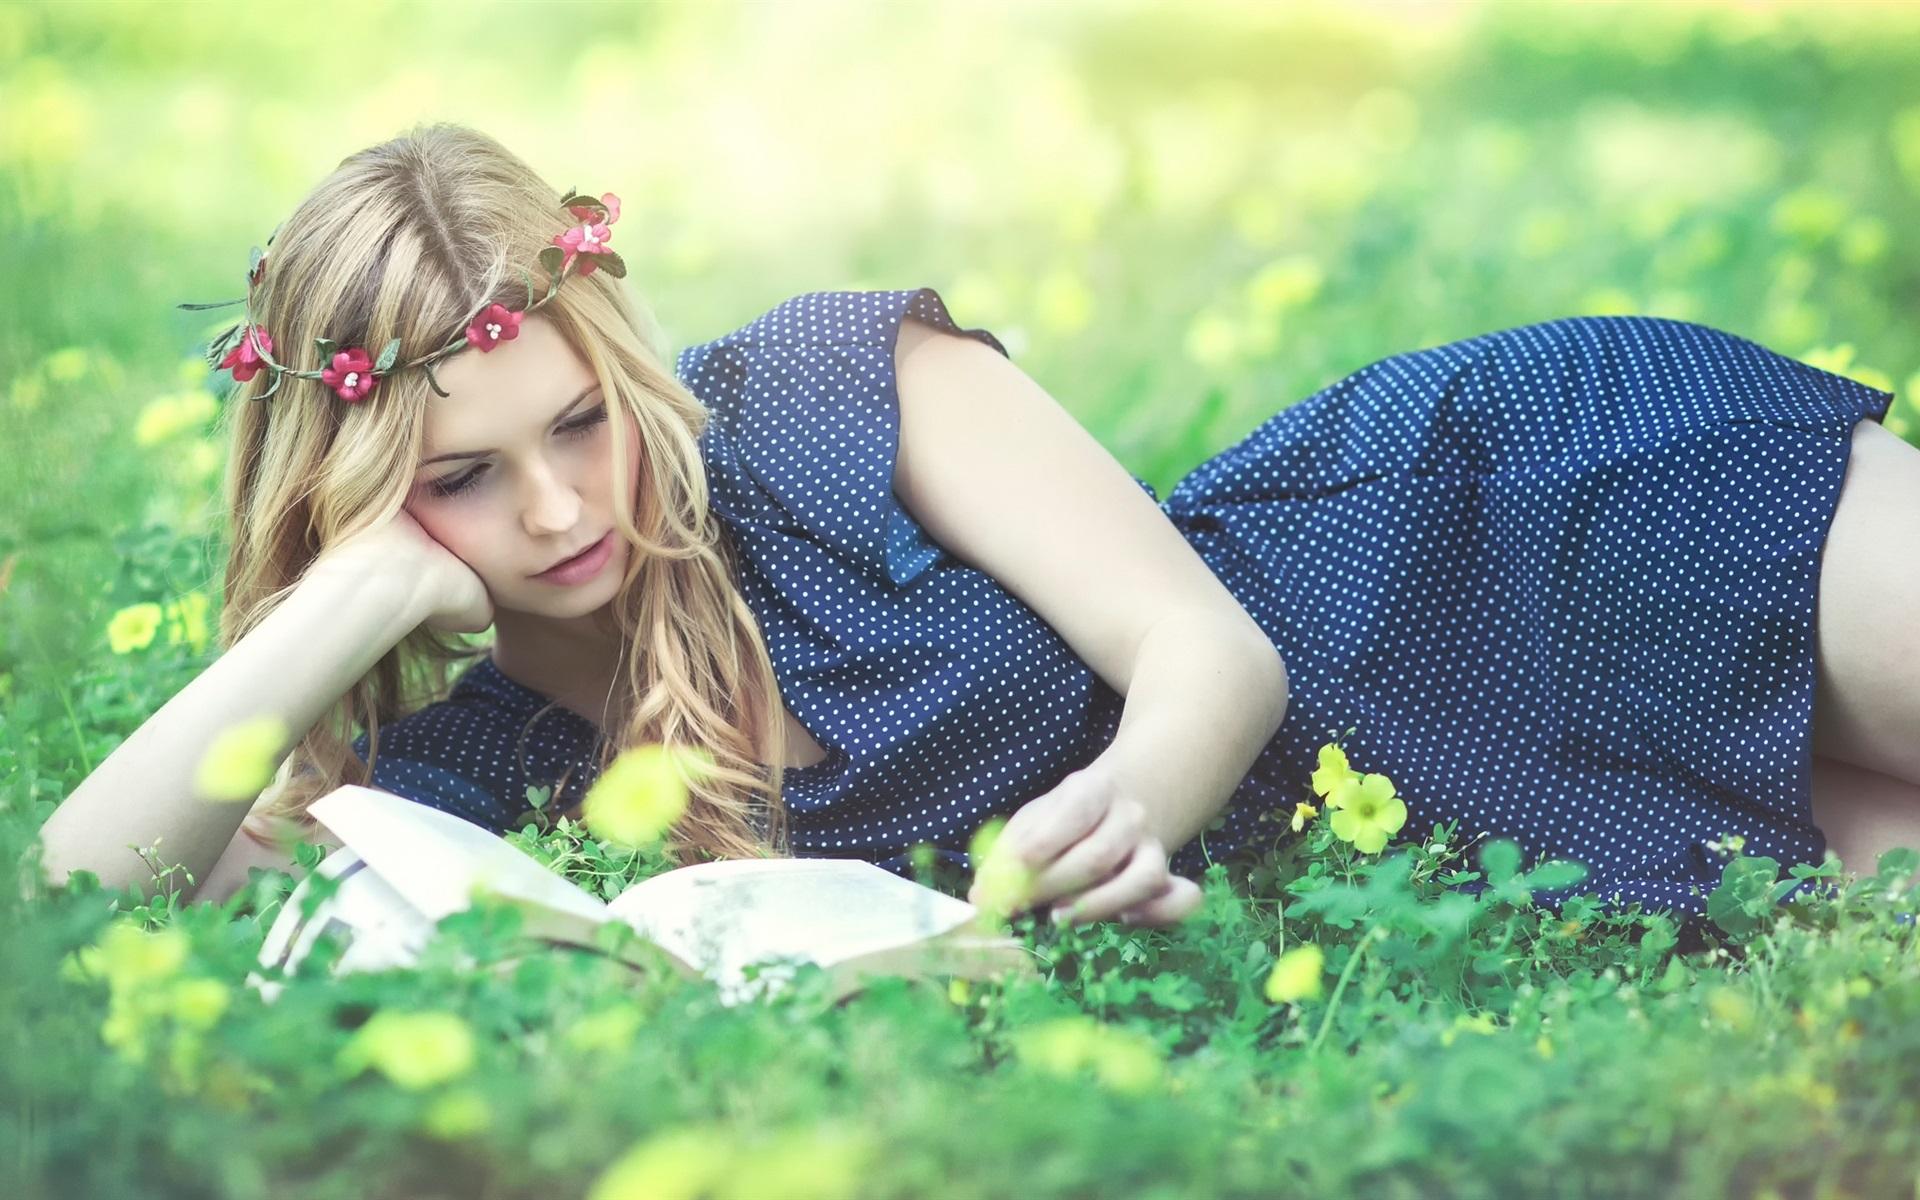 beautiful read book wreath grass flowers wallpaper